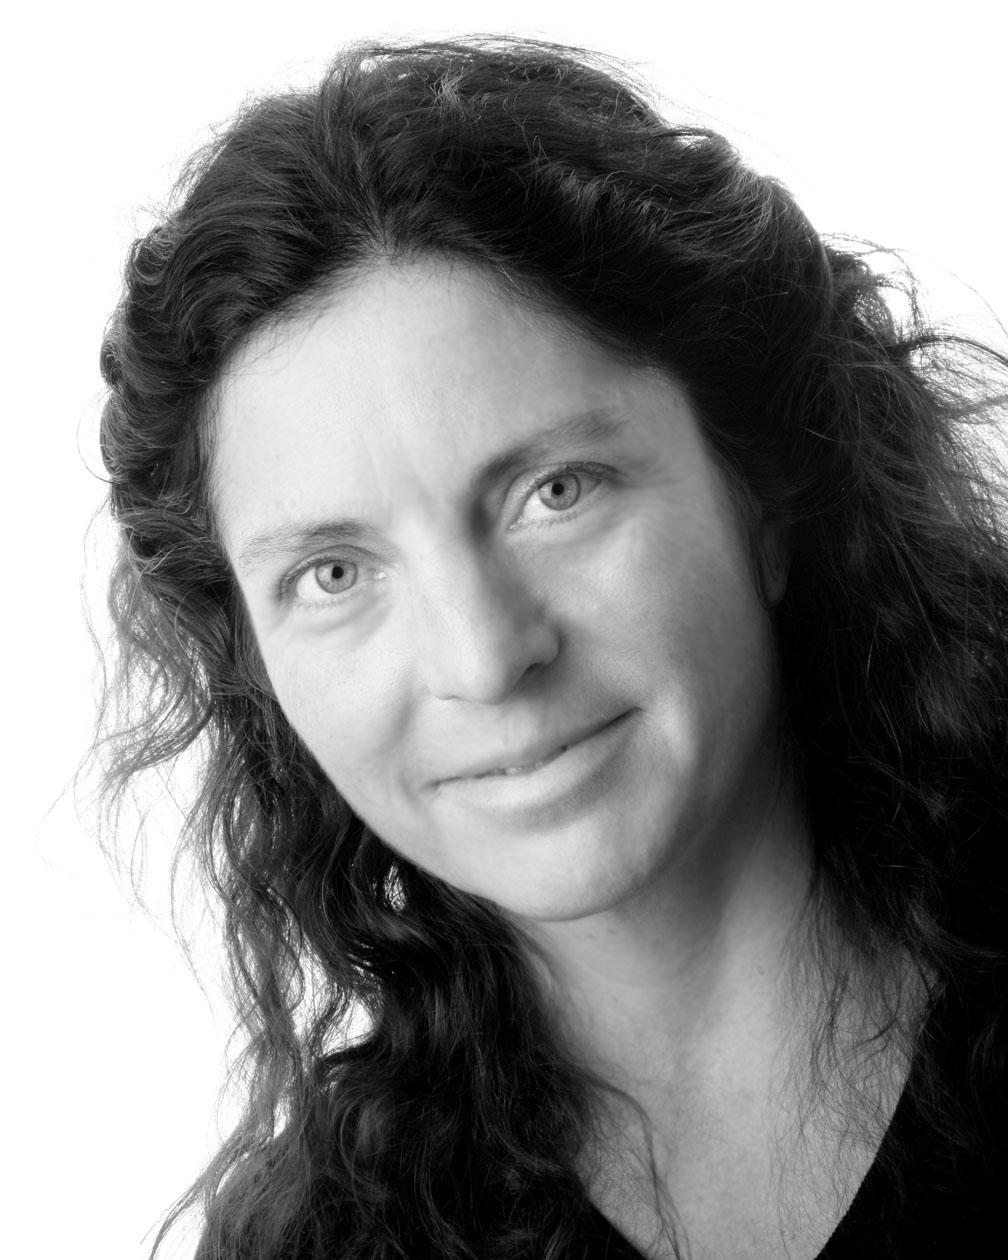 elisabeth fritzl - photo #36